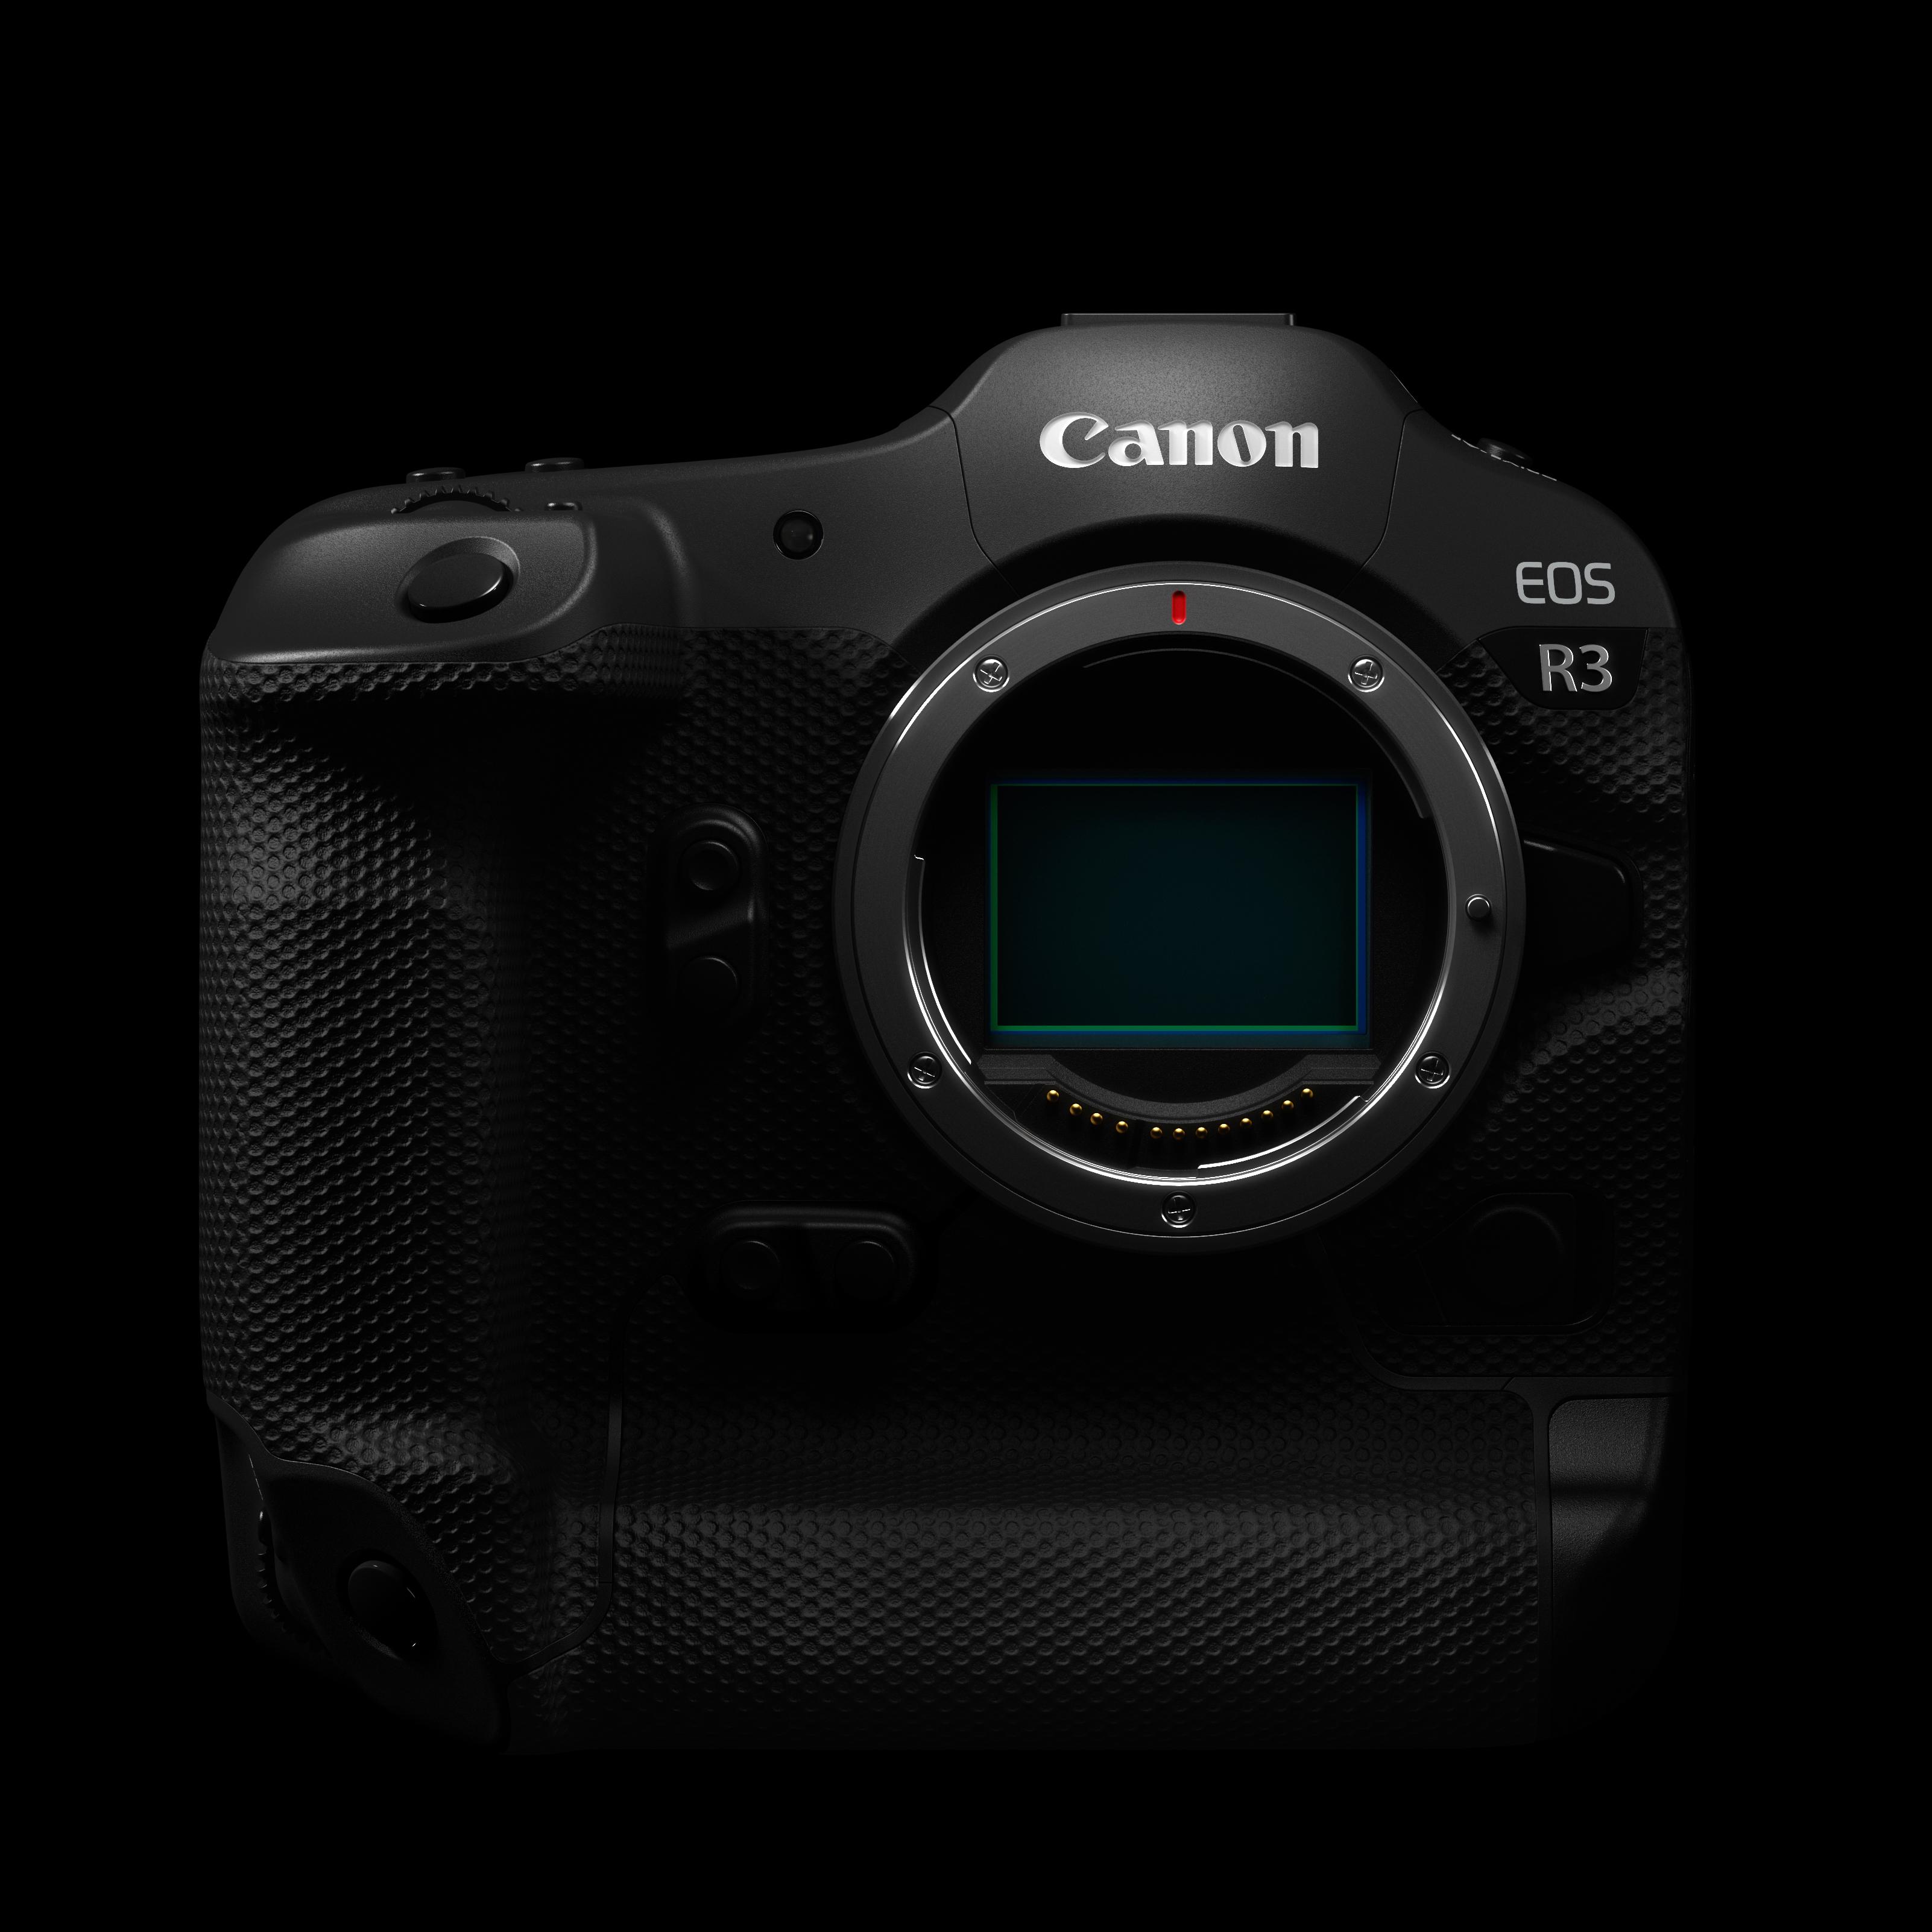 The Canon EOS R3 camera body.